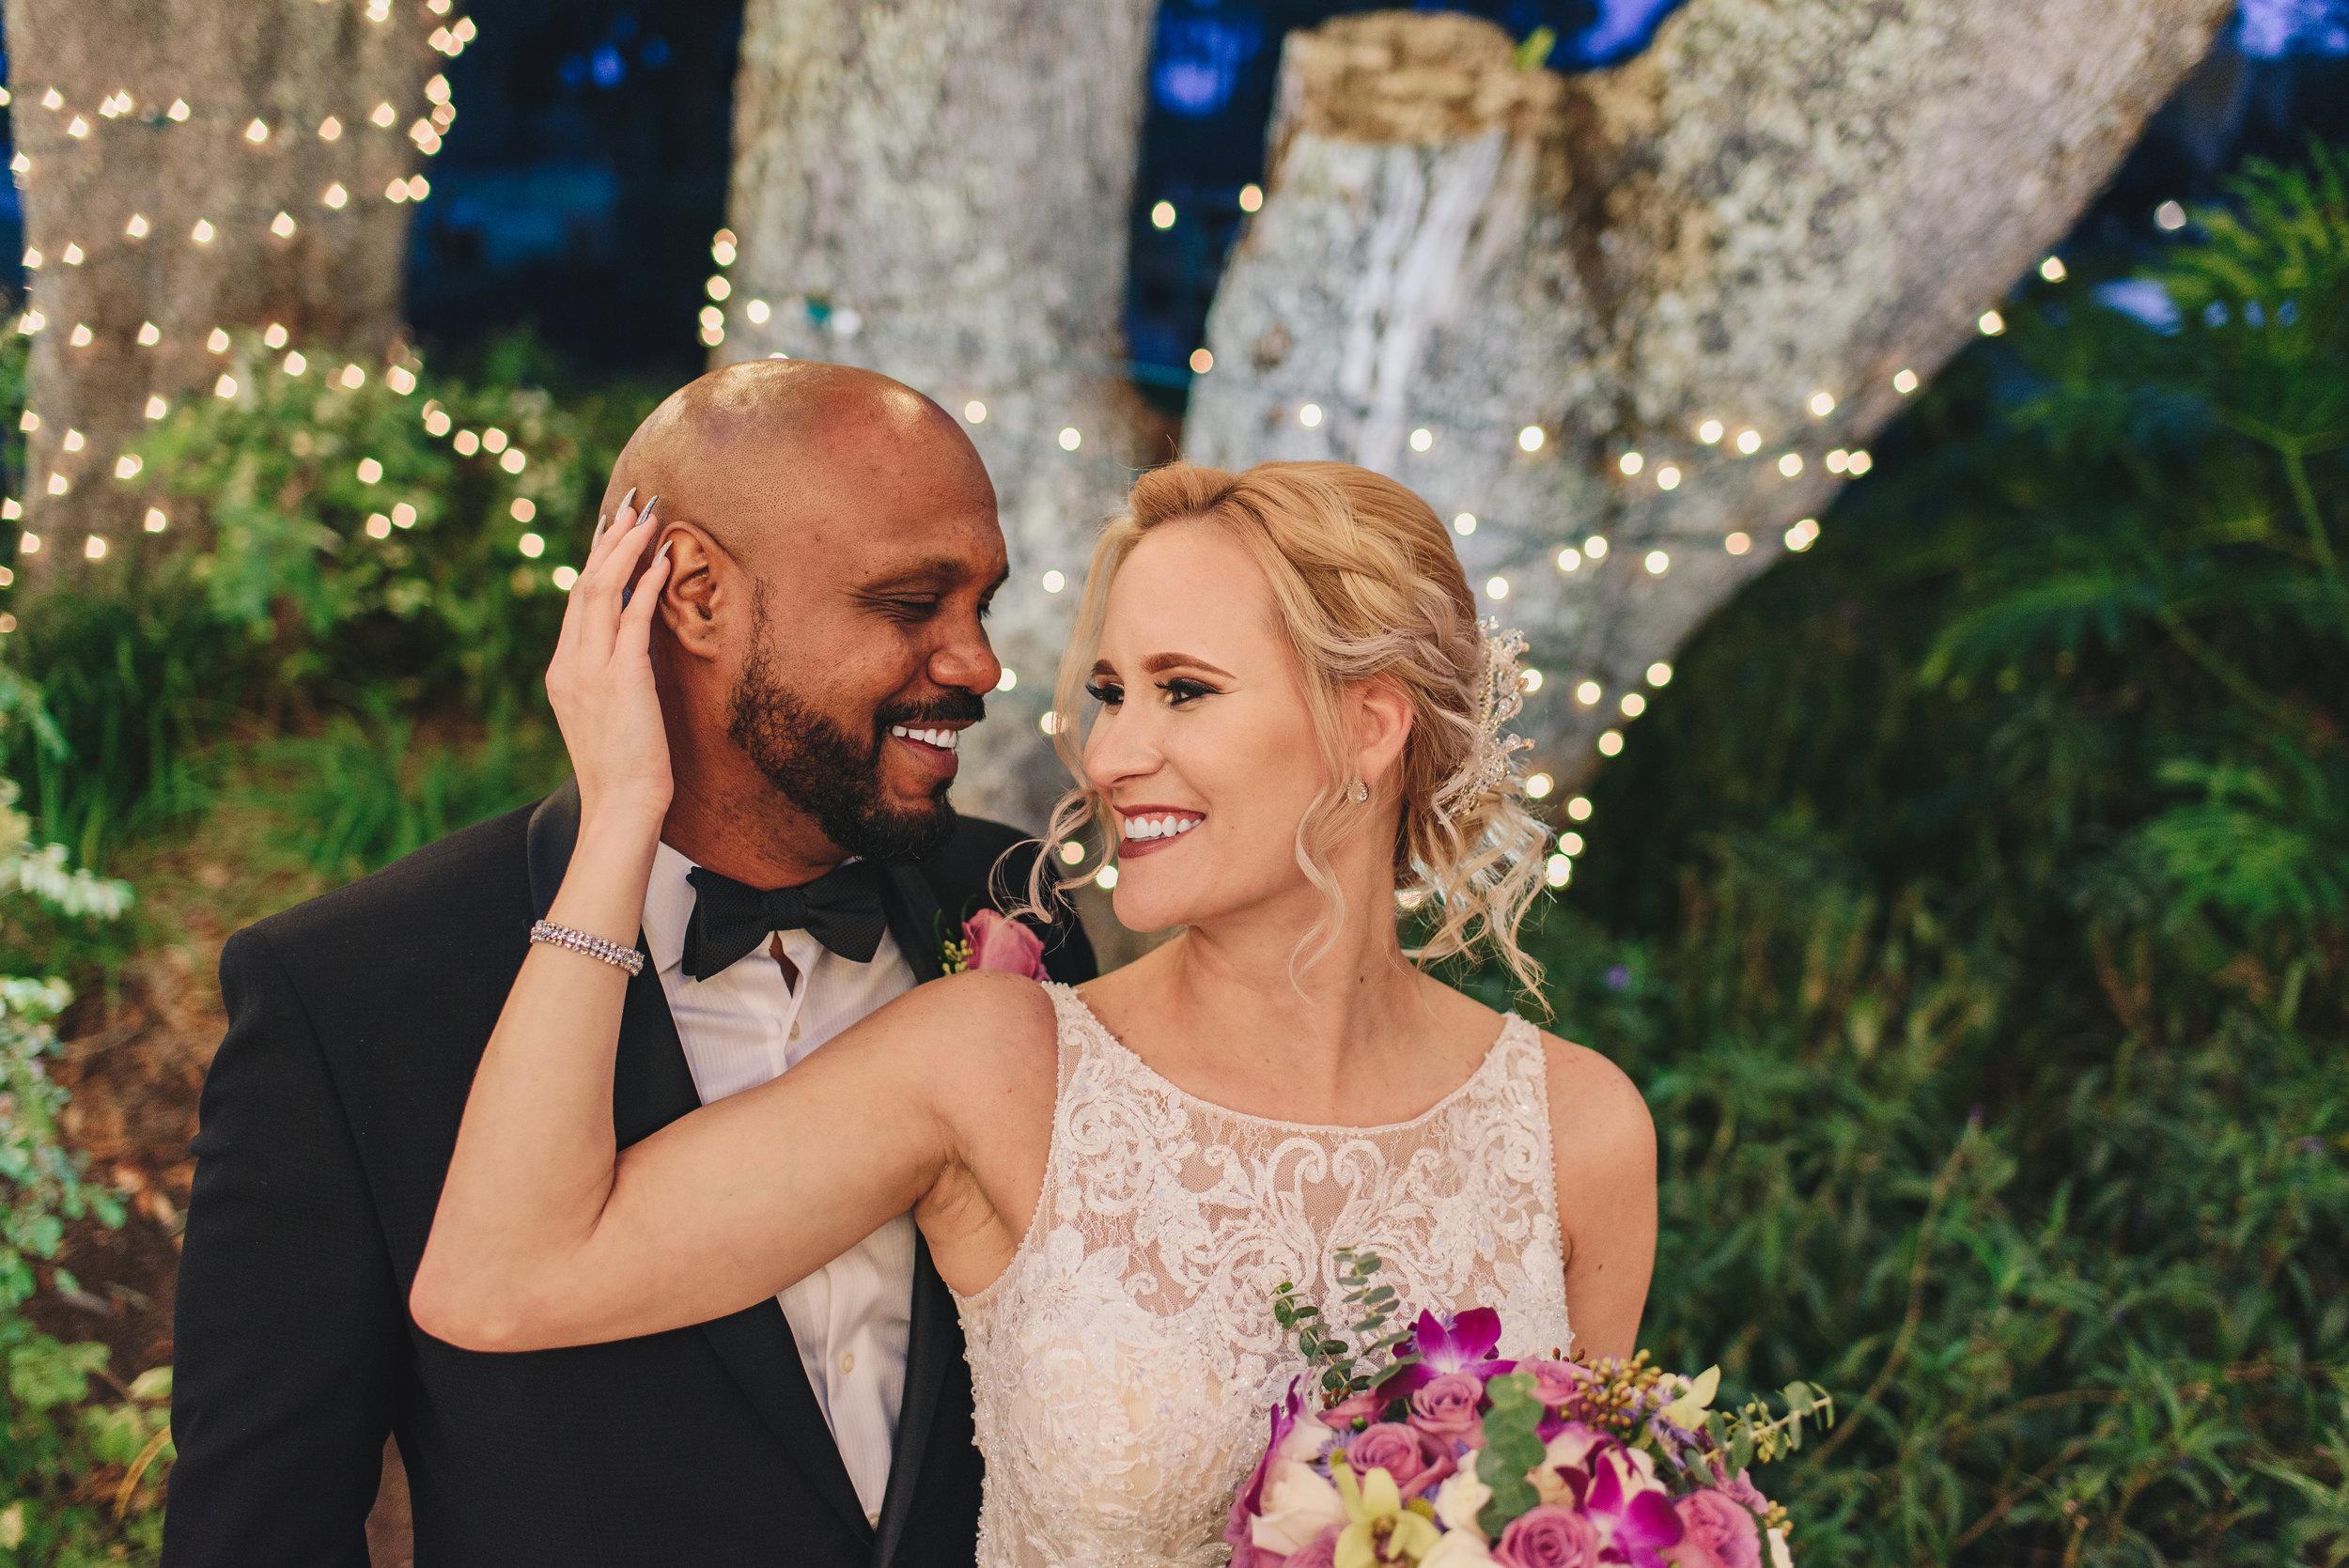 Los-Vargas-Photo-Wedding-Historic-Dubsdread-Ballroom-8800.jpg